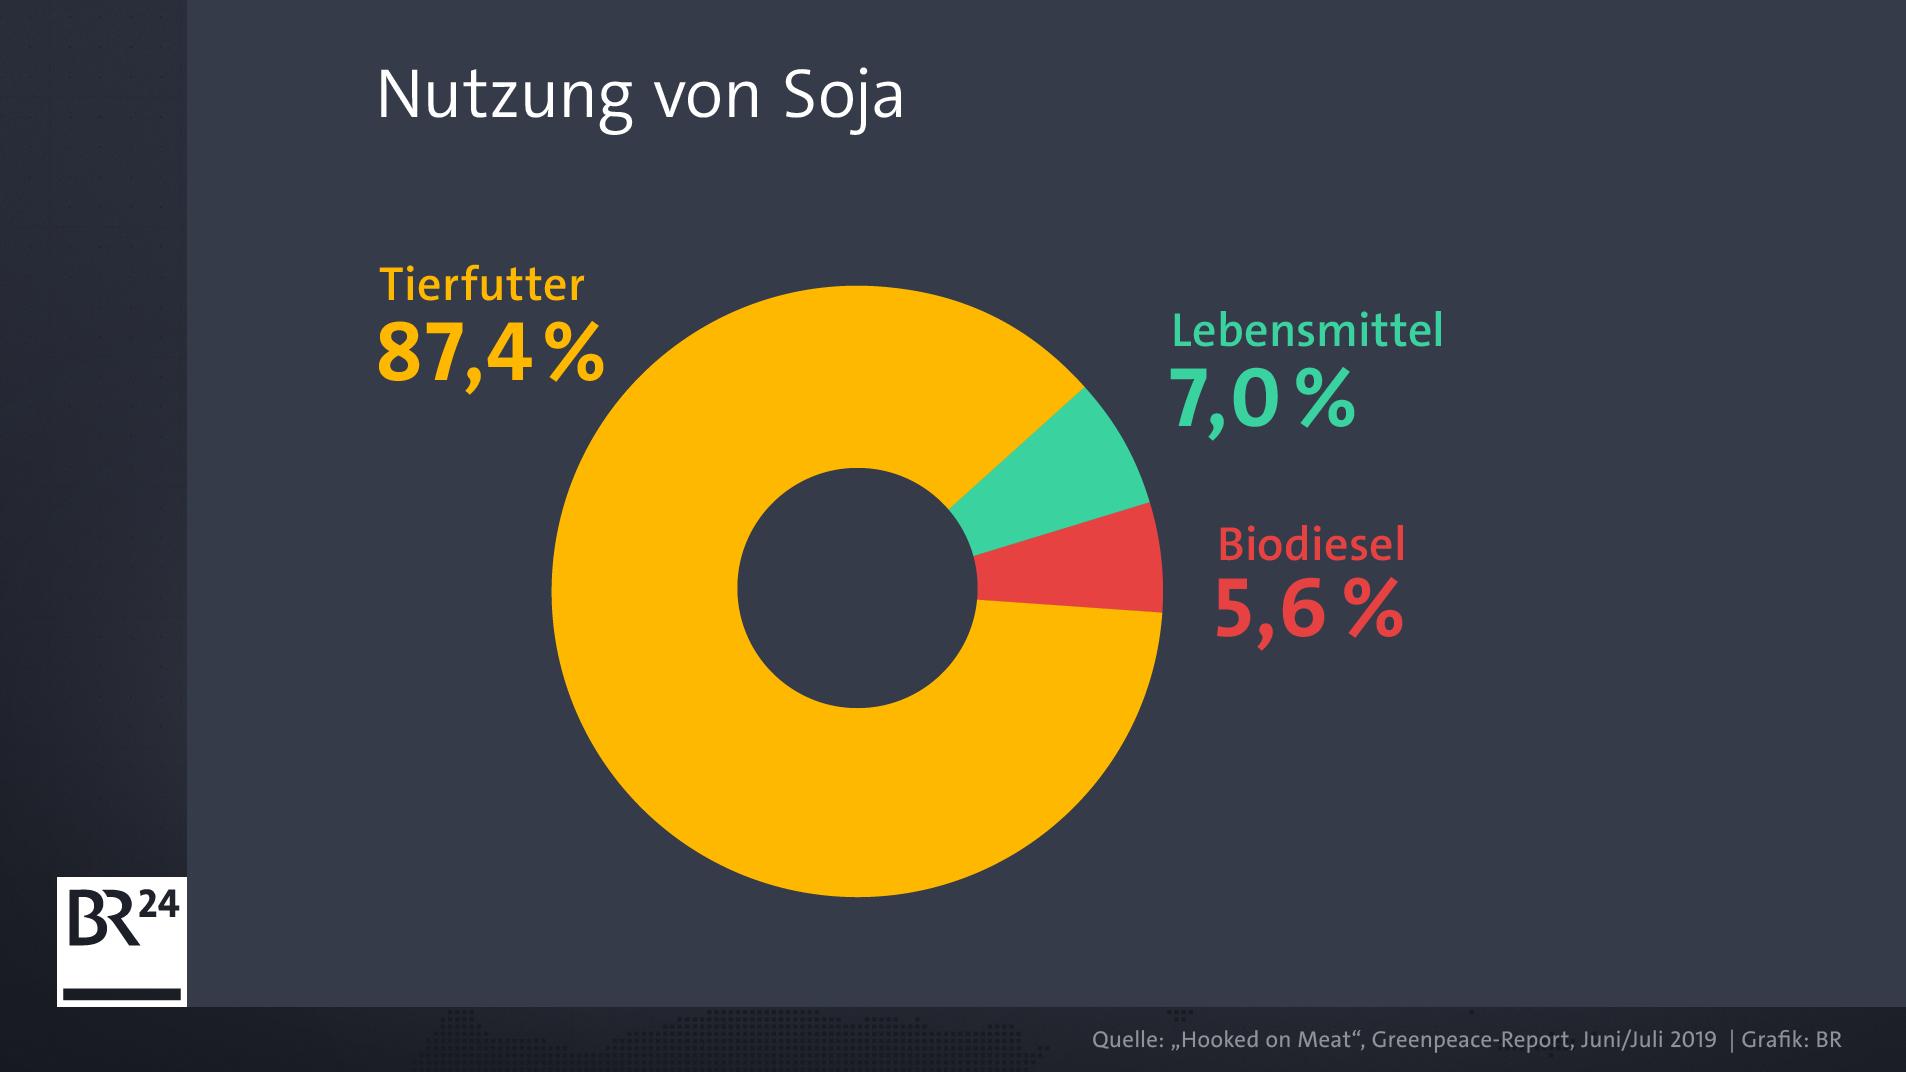 Nur ein kleiner Teil des Sojas geht in die Herstellung von Lebensmitteln.